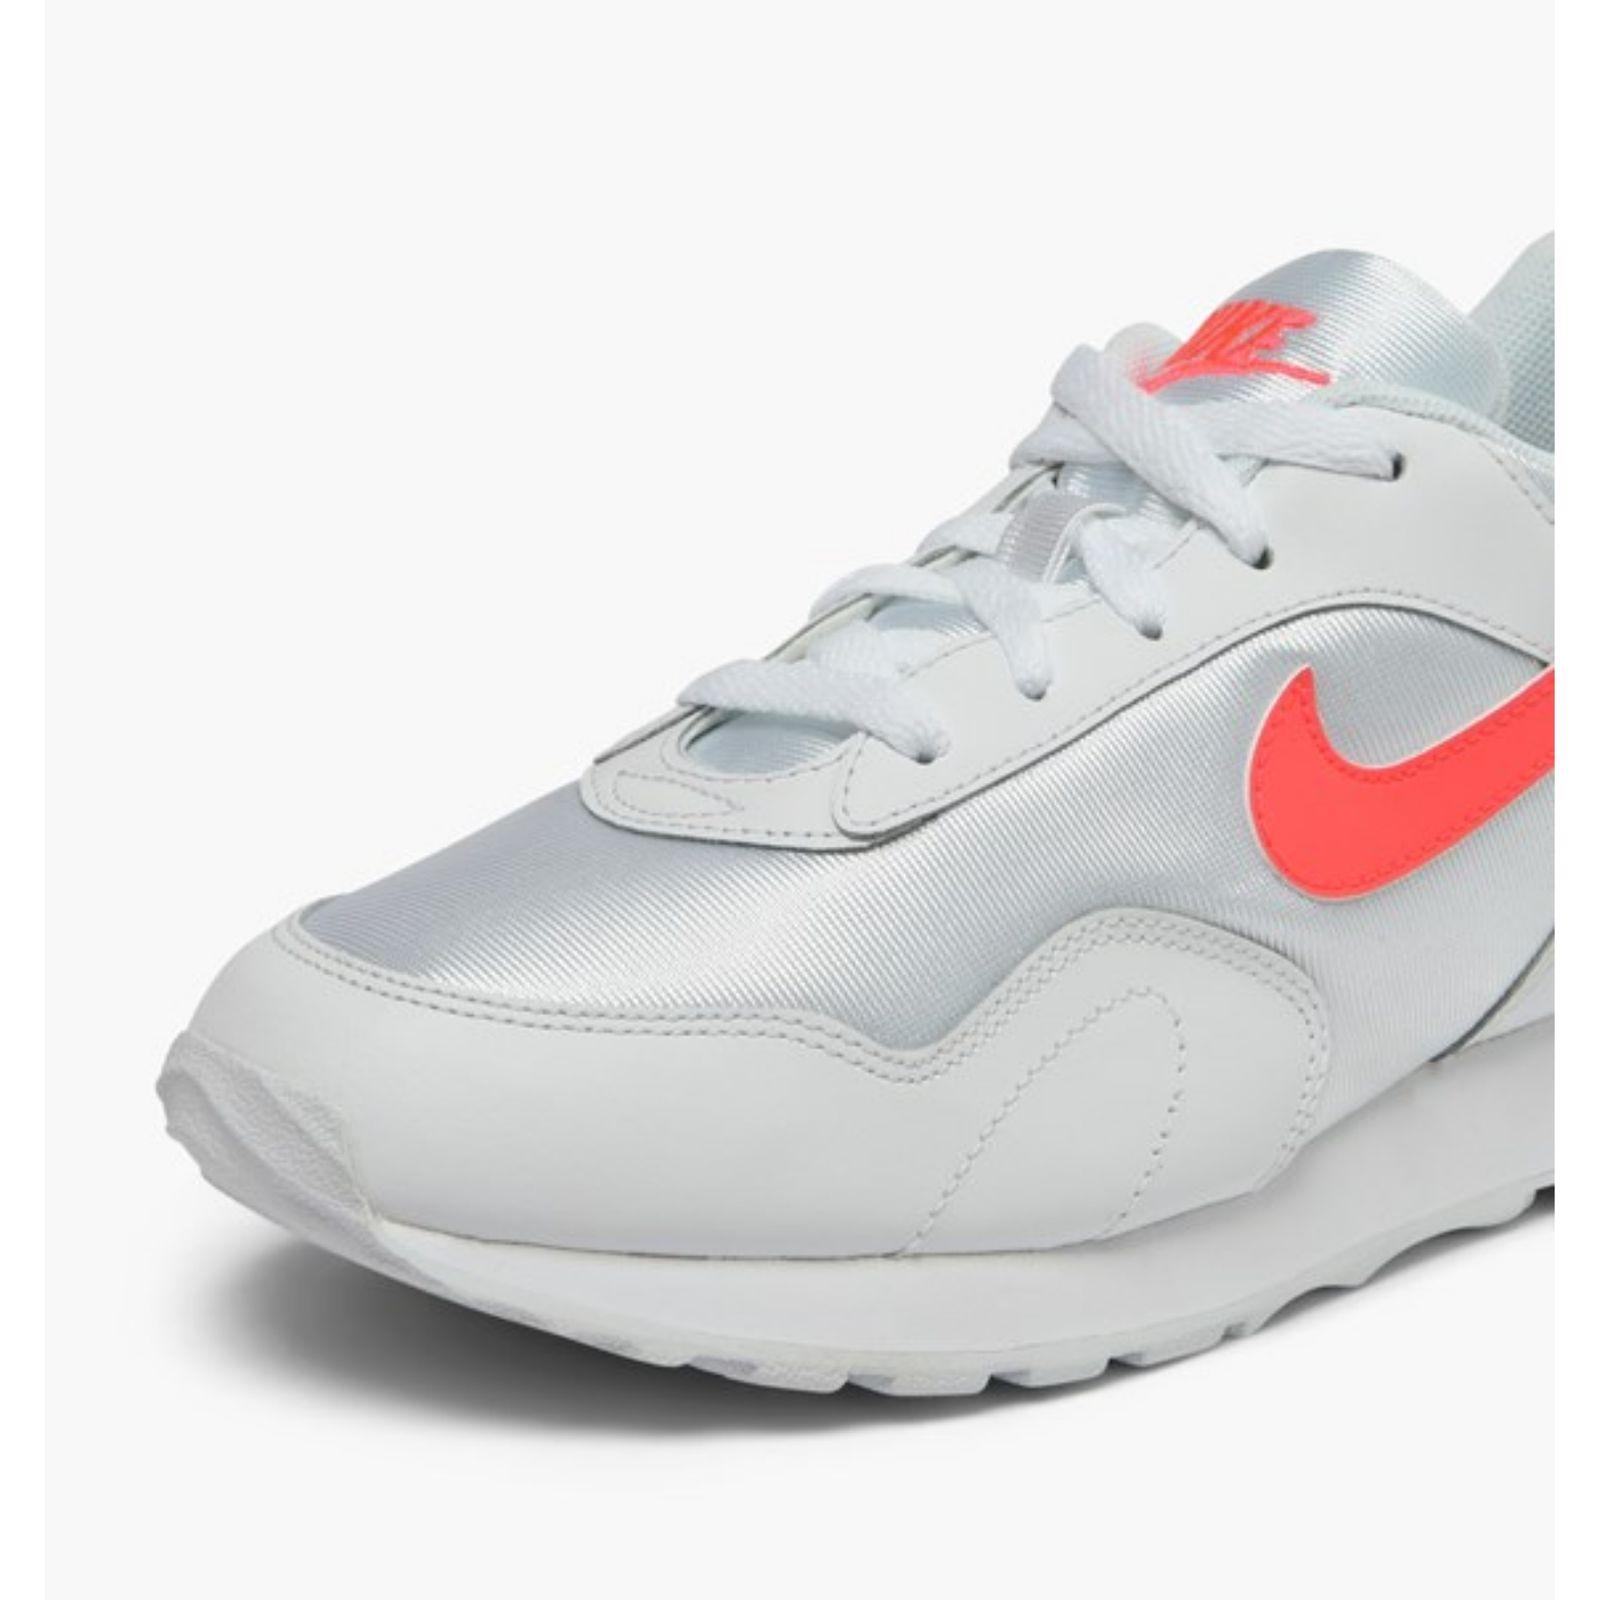 کفش راحتی مردانه نایکی مدل OUTBURST کد ۱۰۱ -  - 2